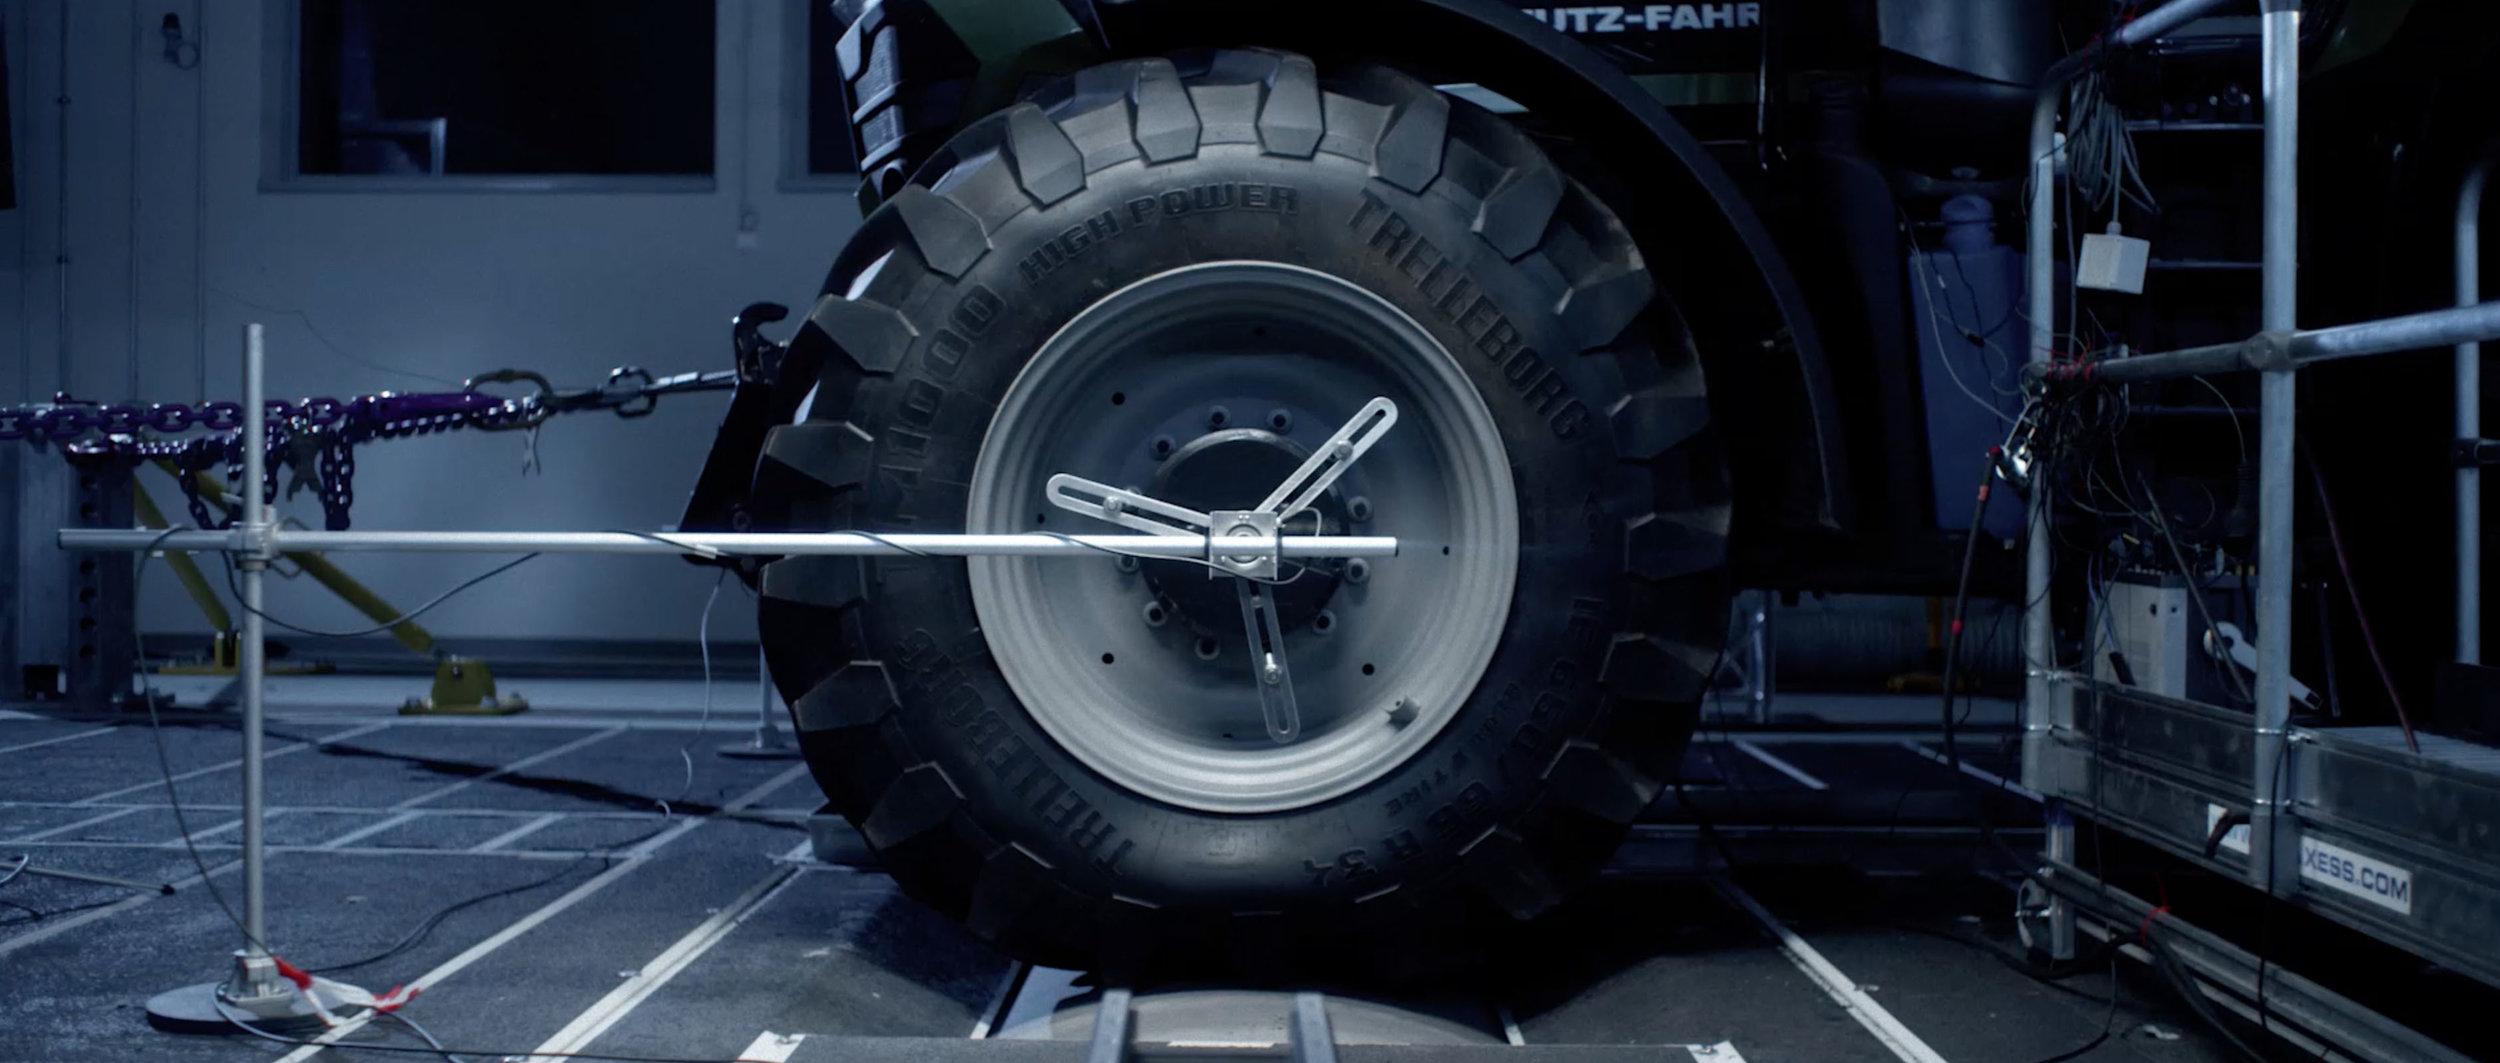 DLG-Ready-Landwirtschaft-Prüfung-Sicherheit-Digital-Technik-Traktor_05.jpg